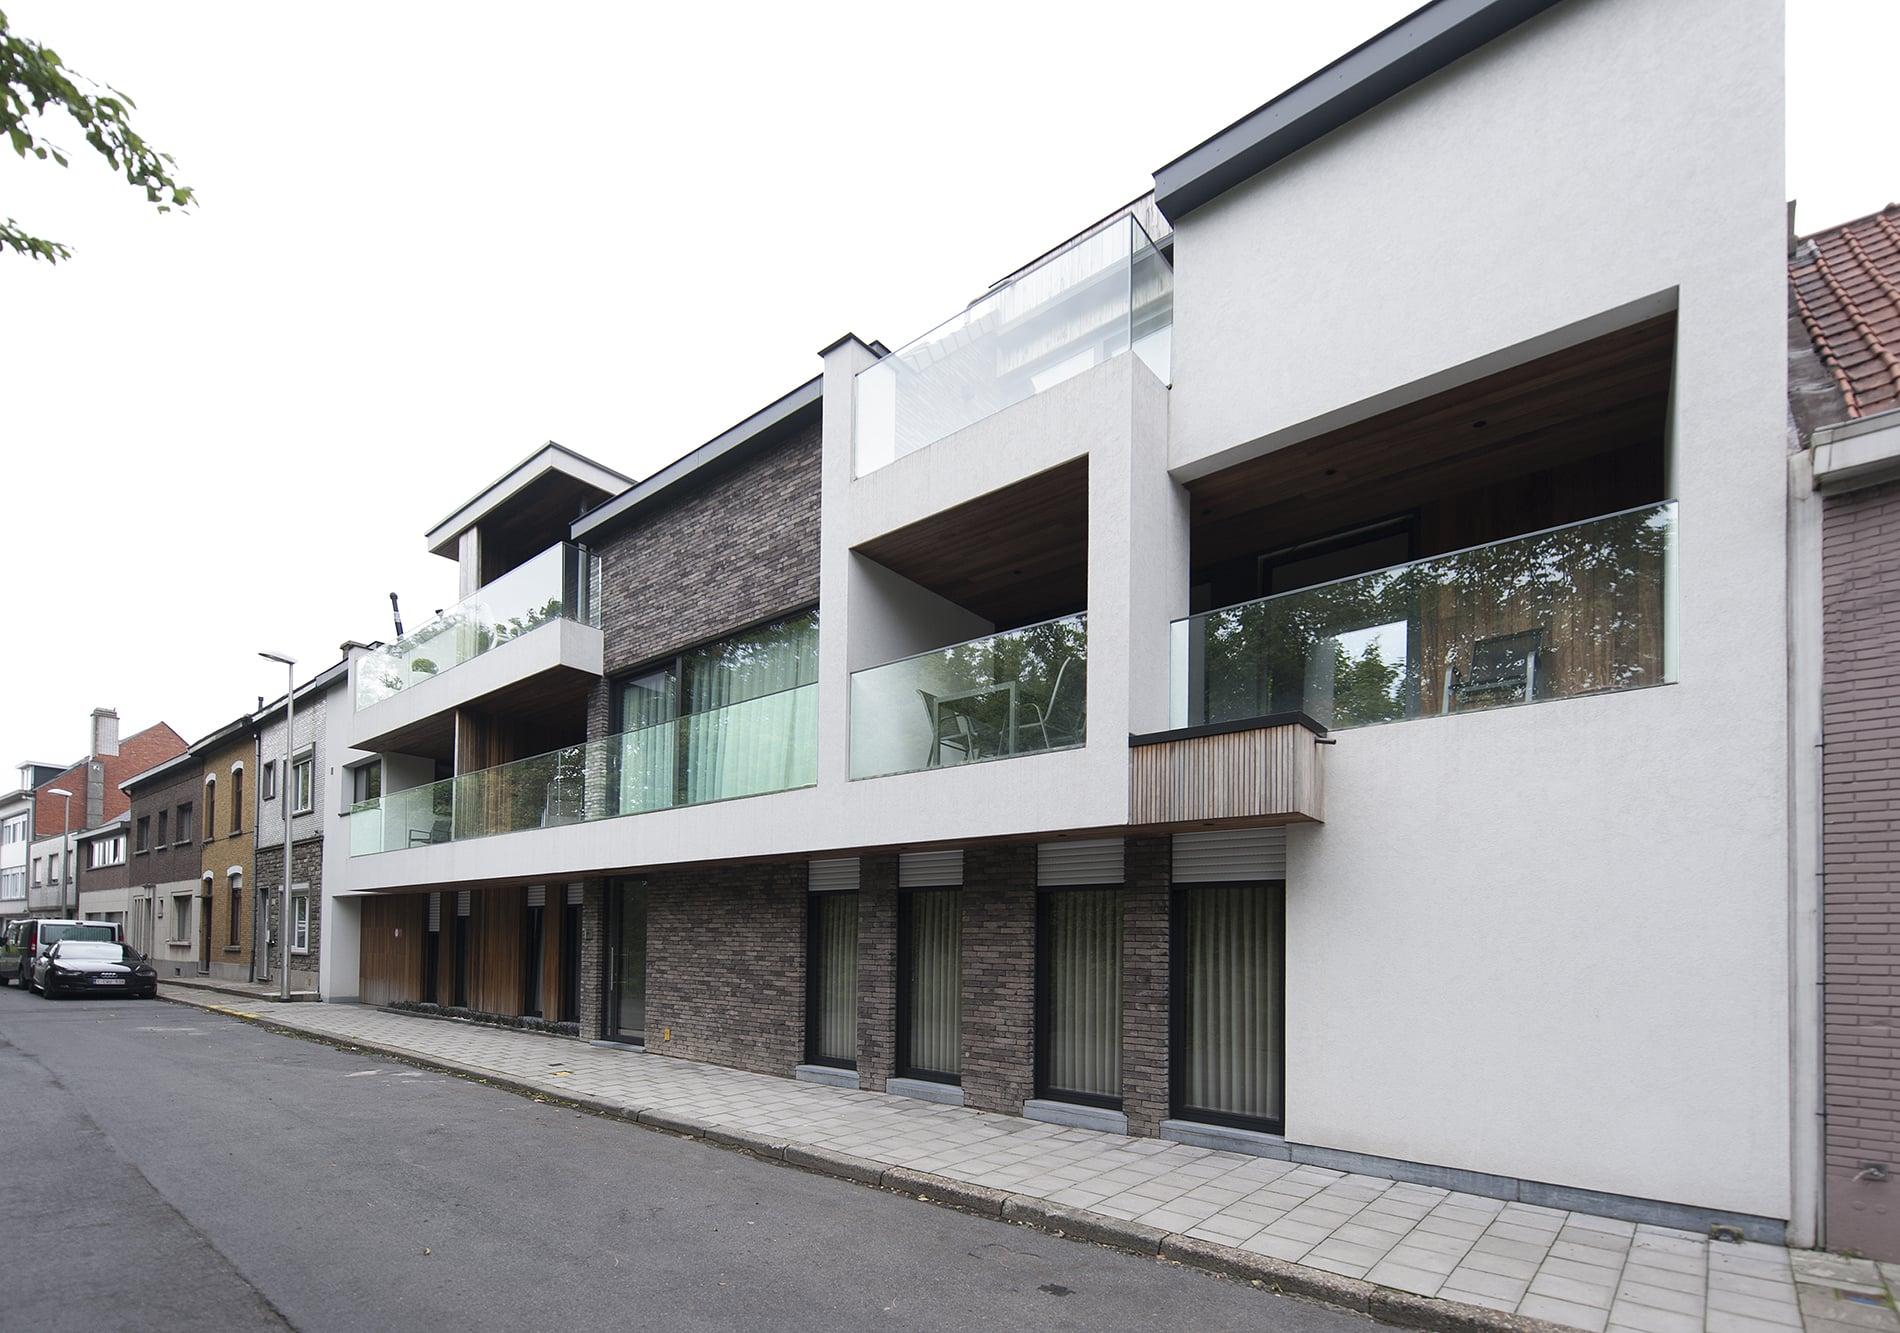 Park view - 8 appartementen - Zelzate | Realisaties - Strak bouw bv